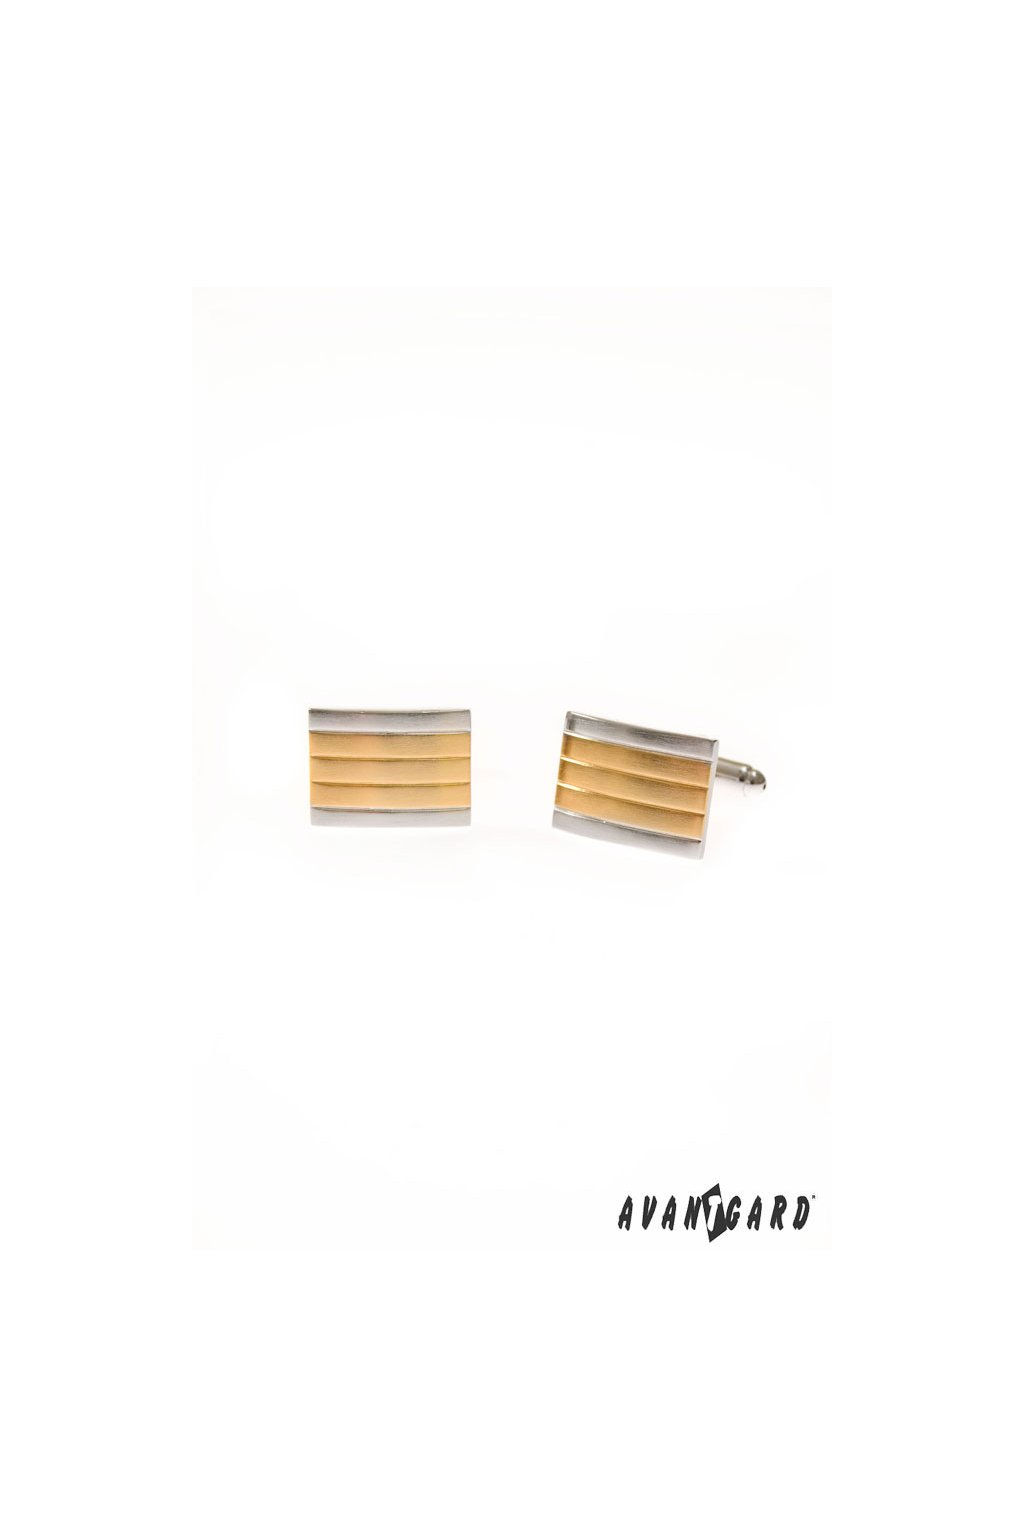 Manžetové knoflíčky PREMIUM stříbrná, zlatá 573 - 30053